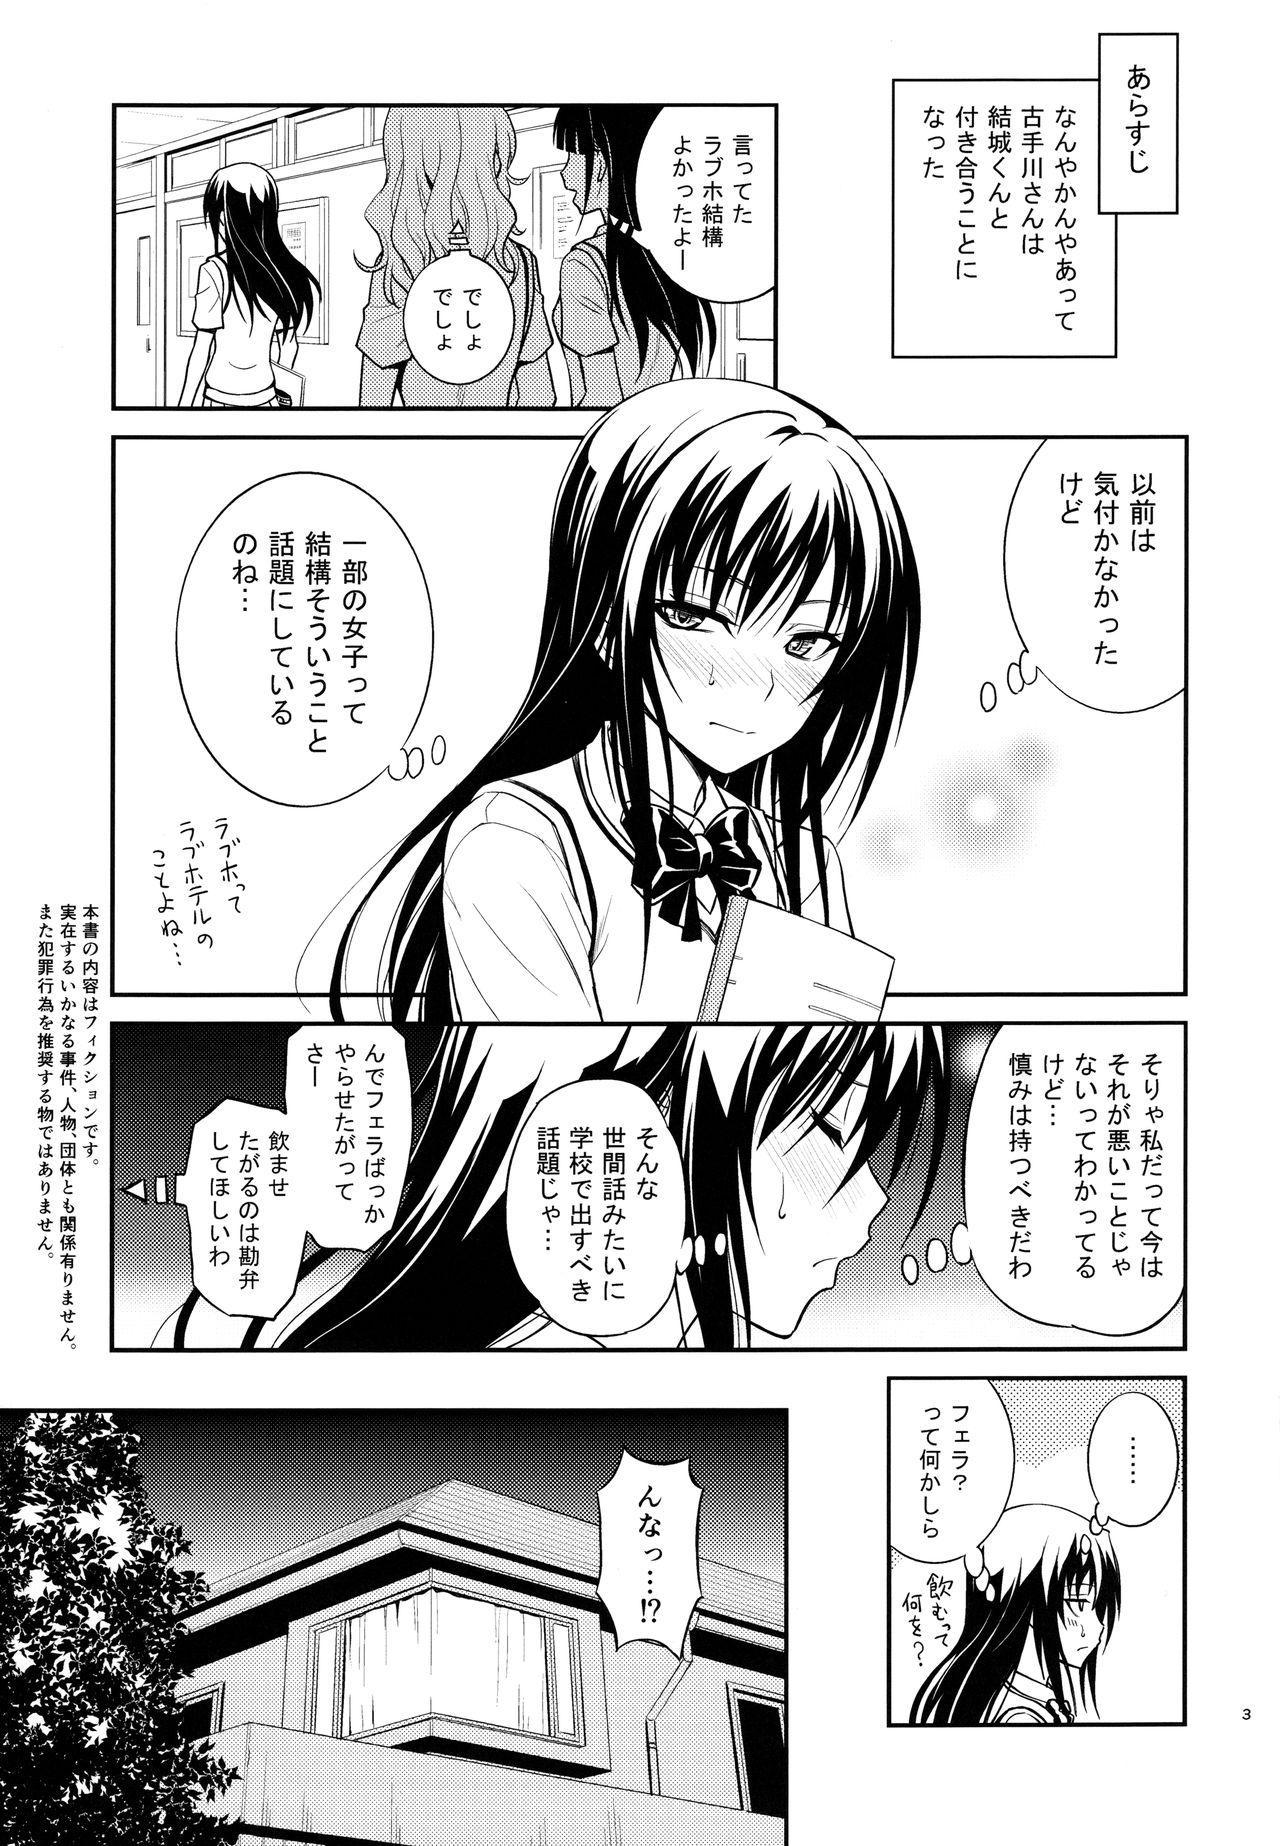 Watashi renchi yabutte suteru. 2